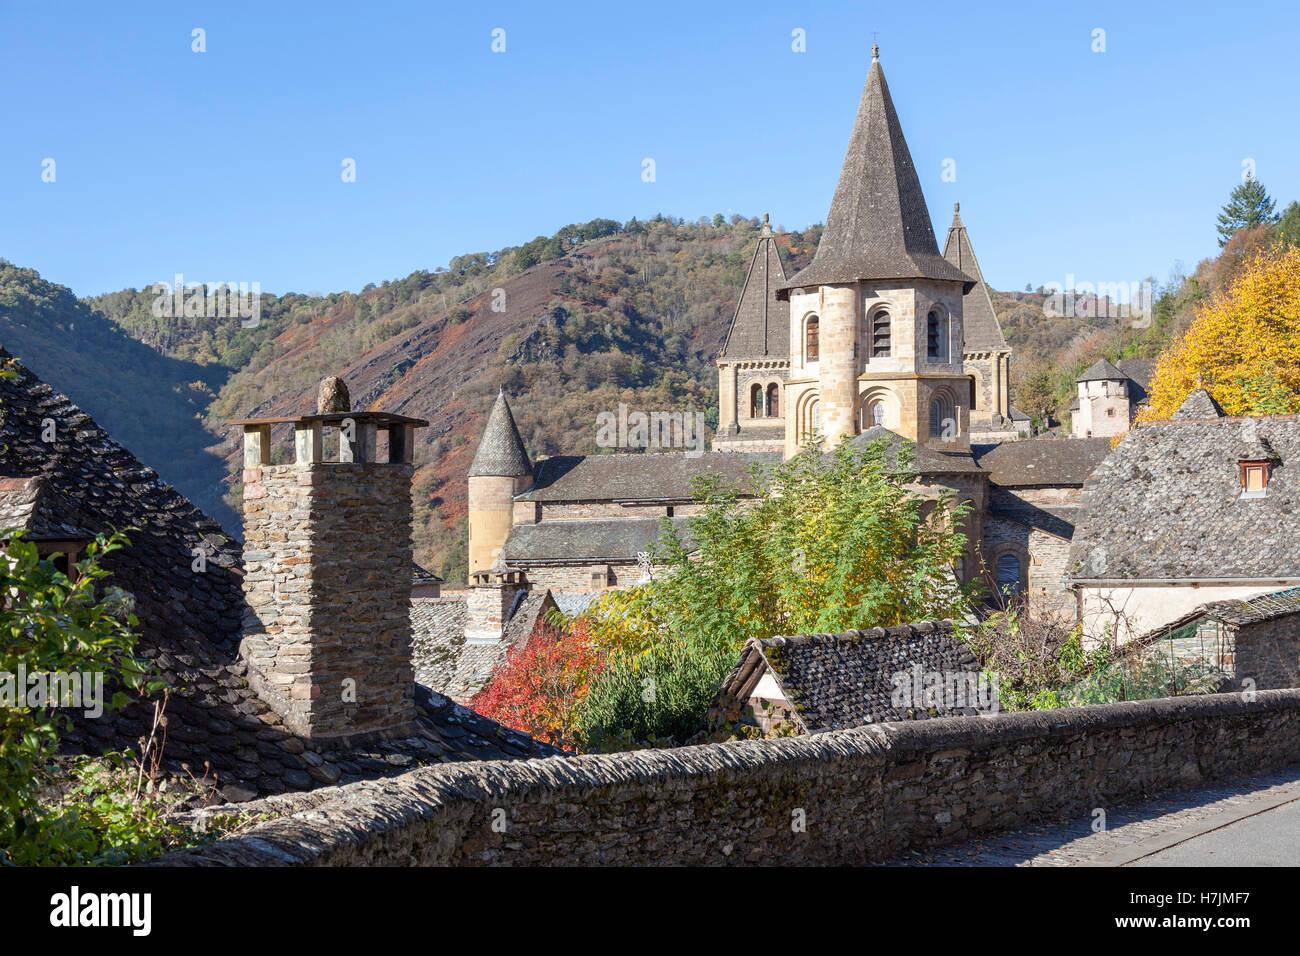 El pequeño pueblo medieval de Conques (Francia). Muestra a los visitantes su abadía-iglesia y casas agrupadas Imagen De Stock